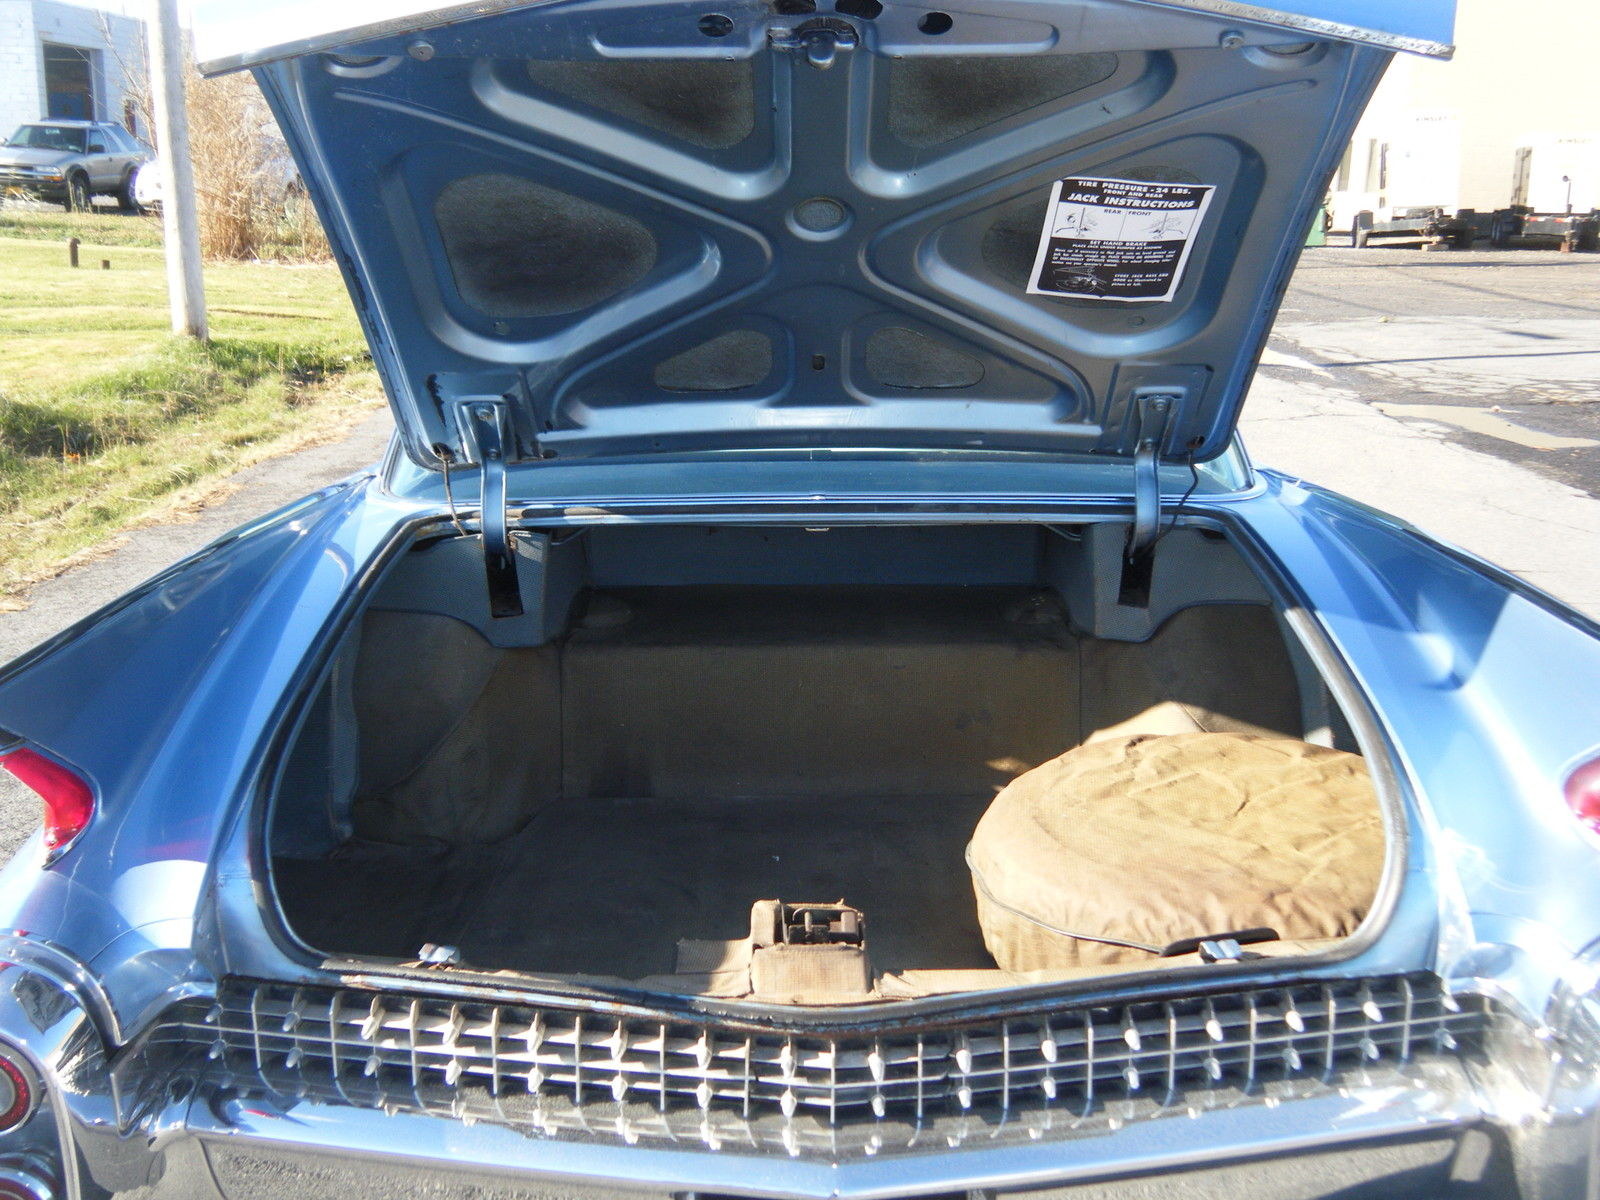 1960 Cadillac Fleetwood Rare Special Order Car Listing 1951 1959 Paint Colors Soonlook